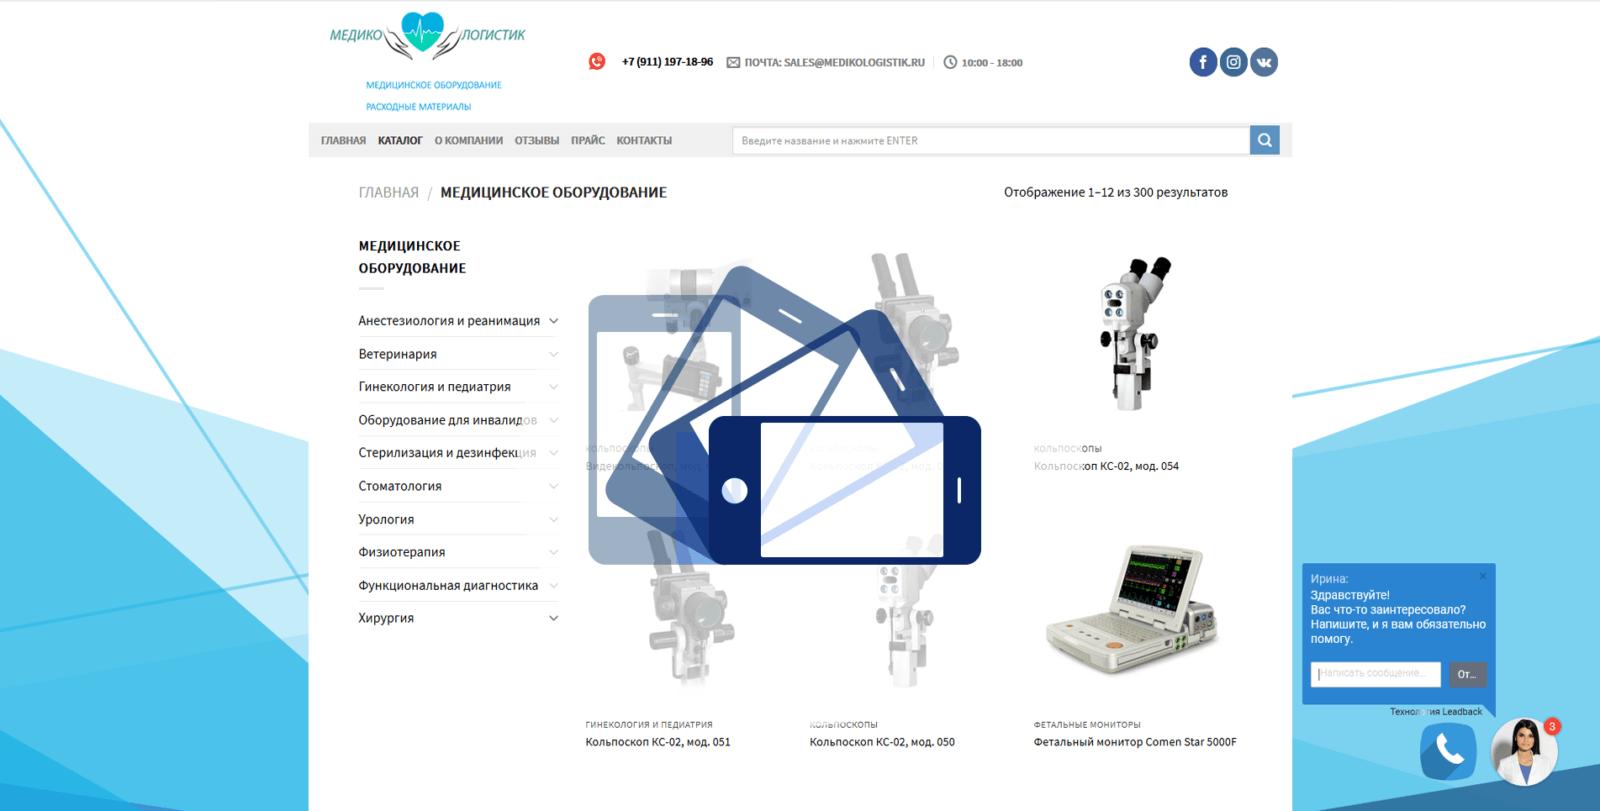 Разработка сайта-каталога по медицинскому оборудованию